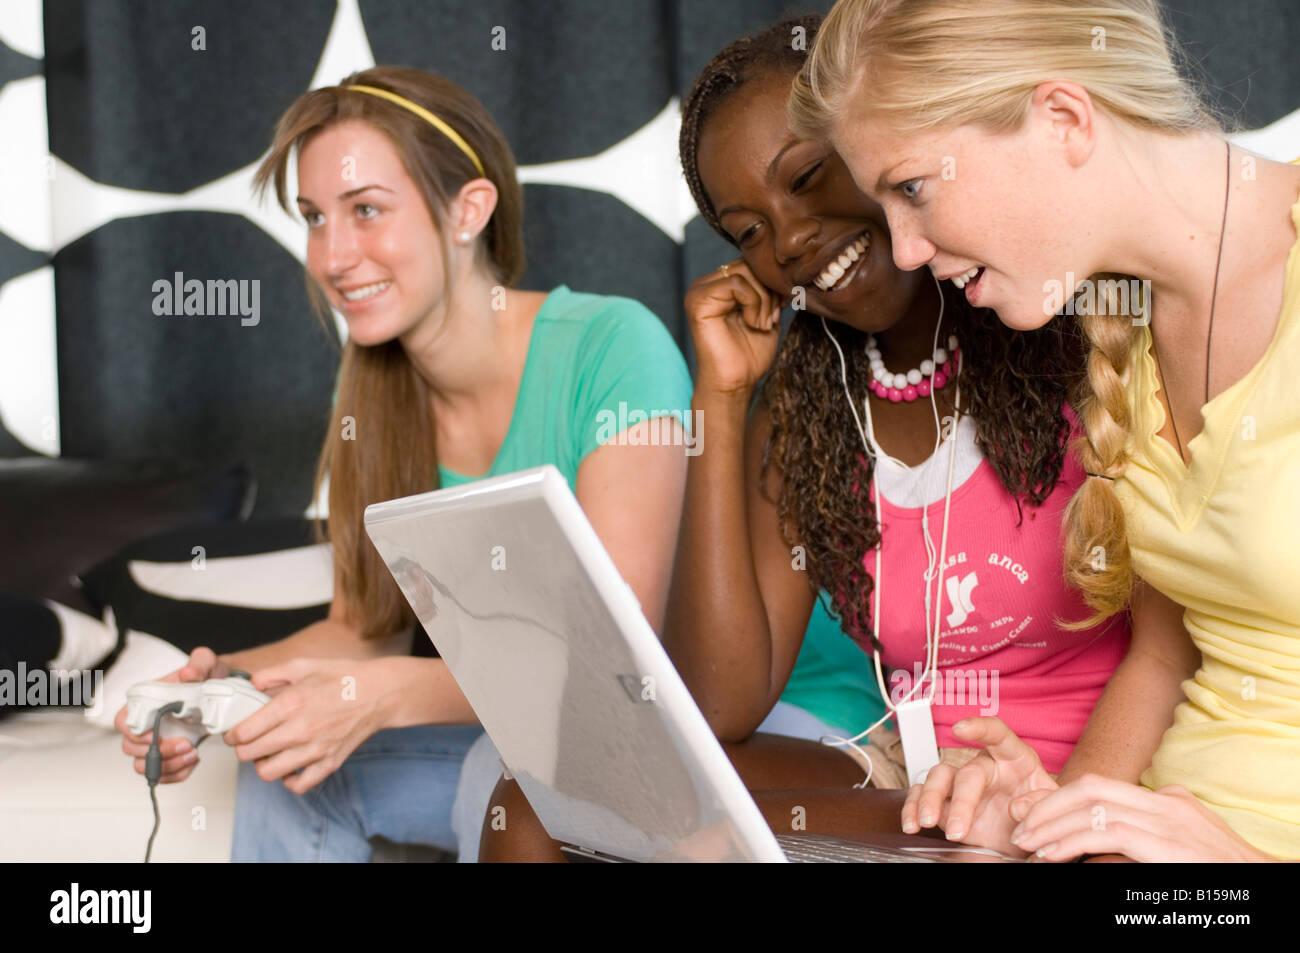 Meet teenage friends online